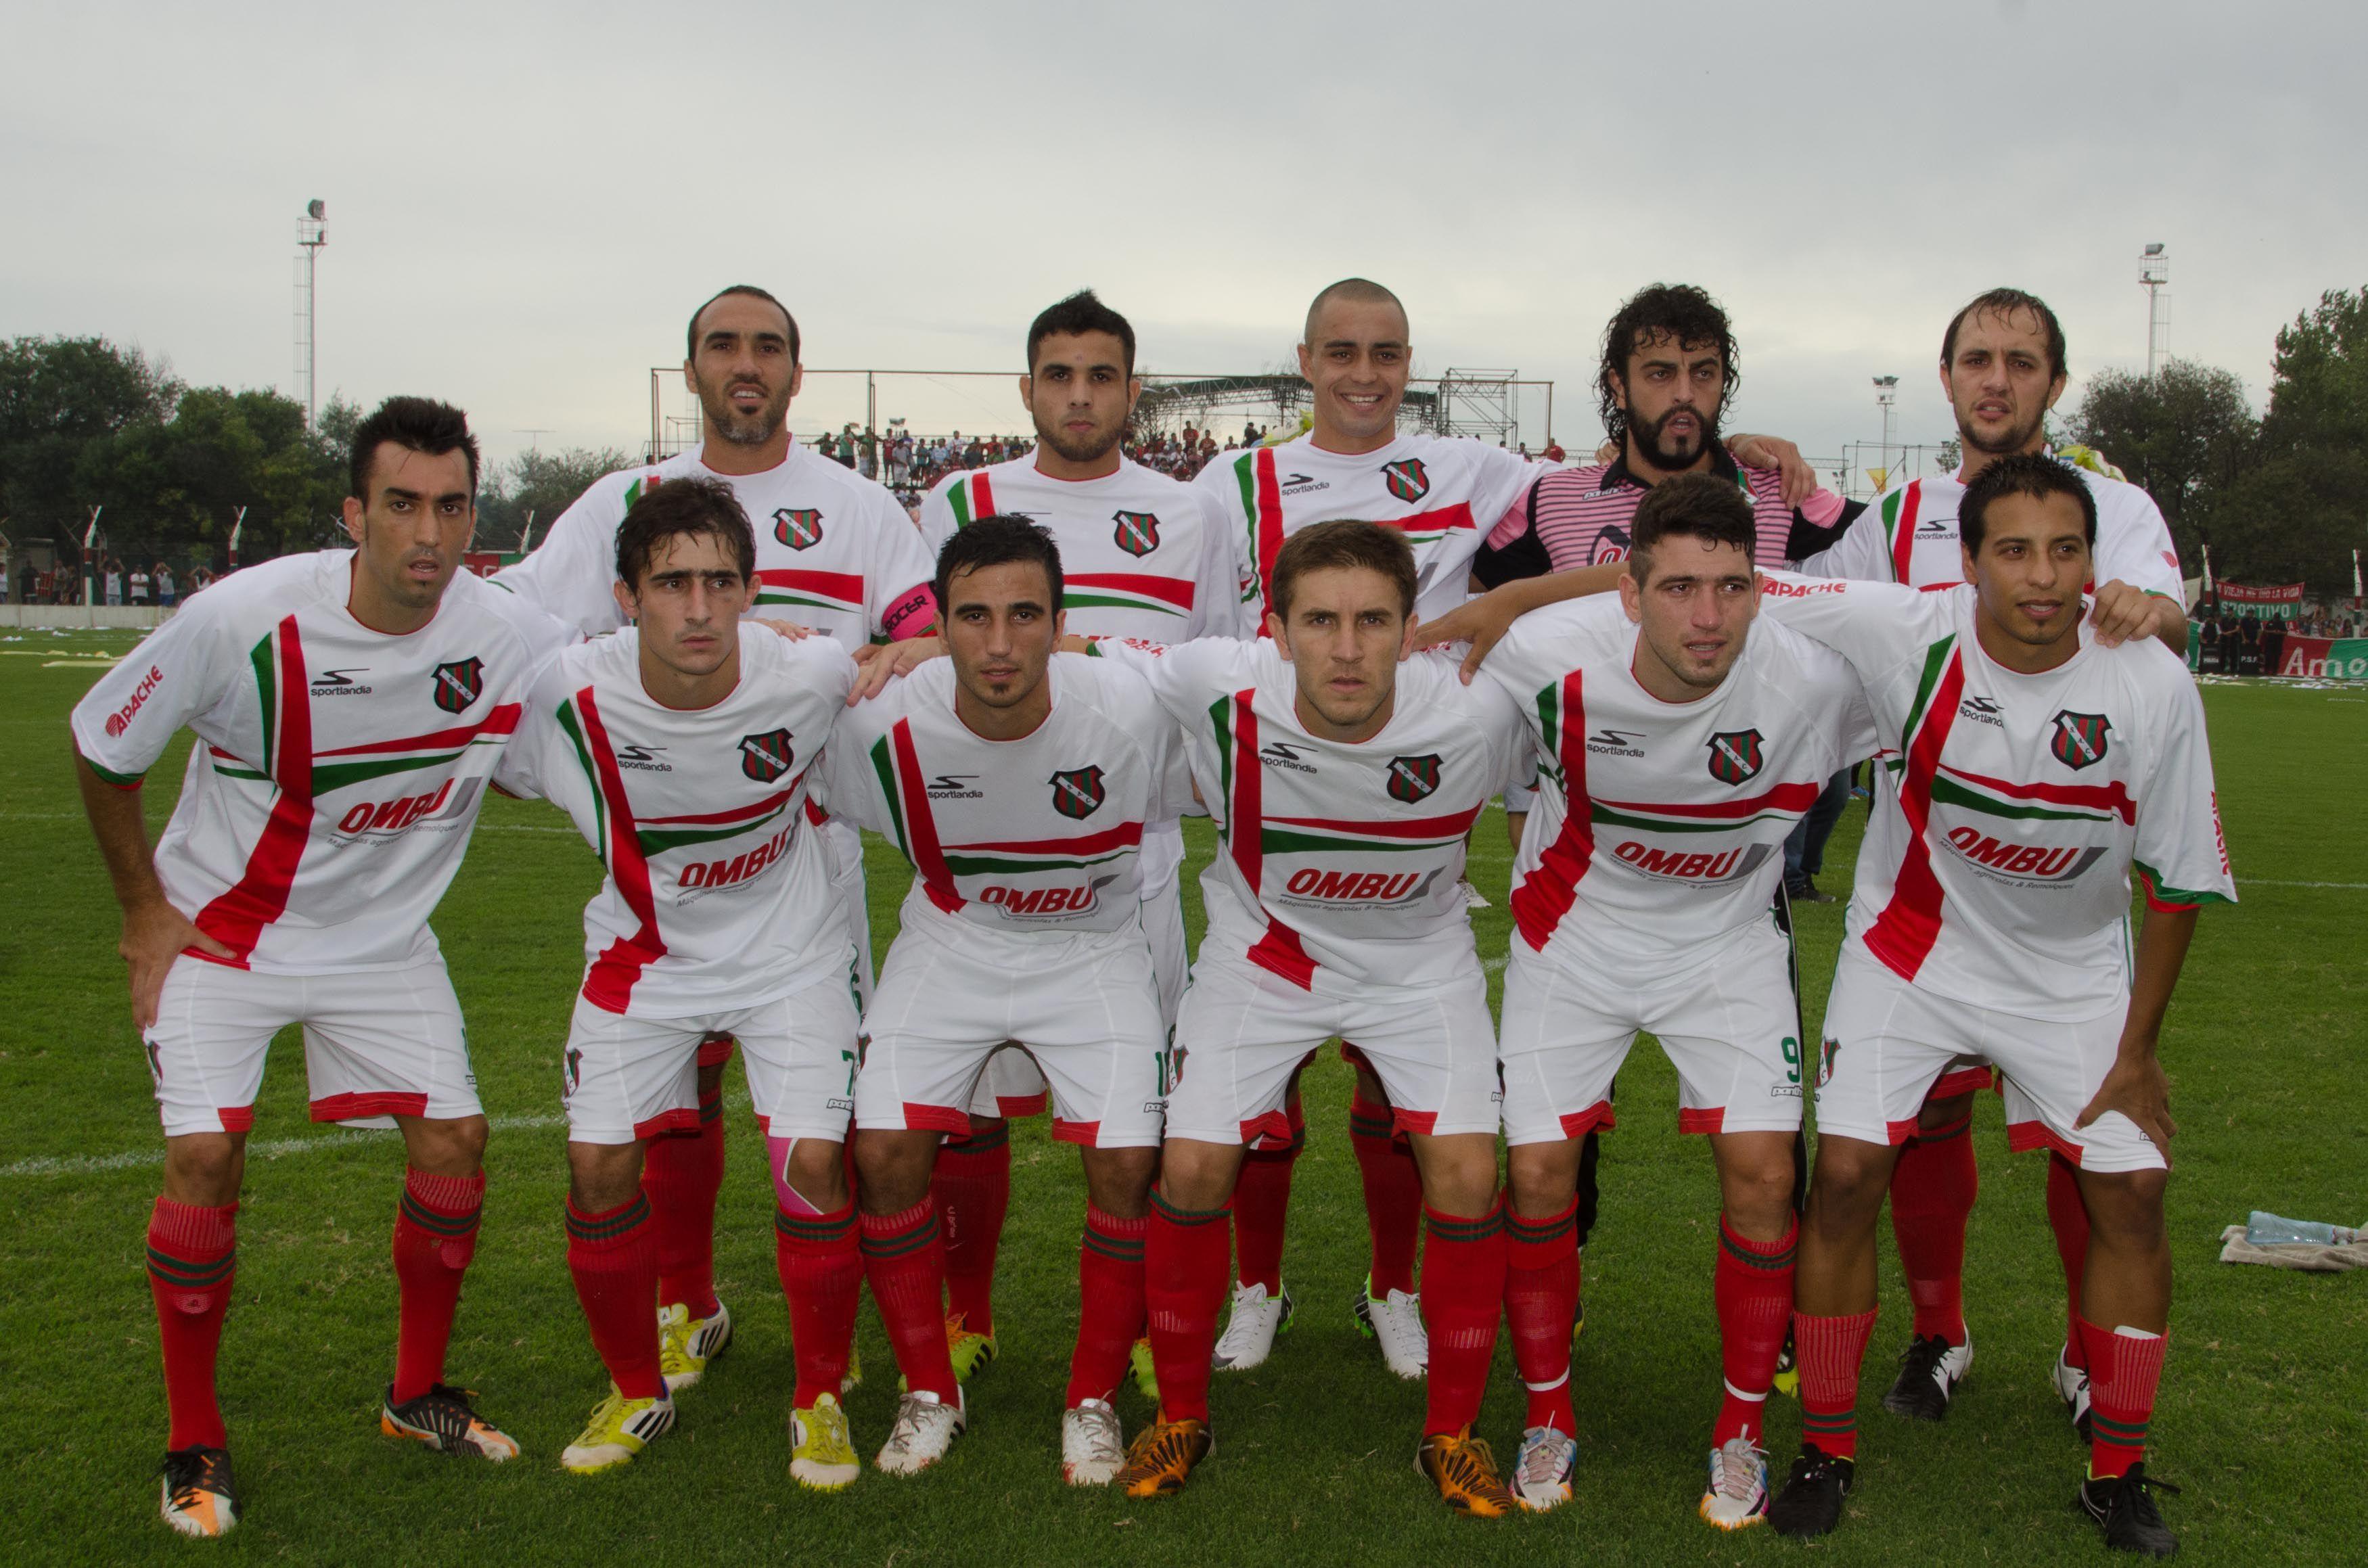 Los campeones. El equipo que le dio a Sportivo Las Parejas un ascenso muy esperado por gran parte de la ciudad.